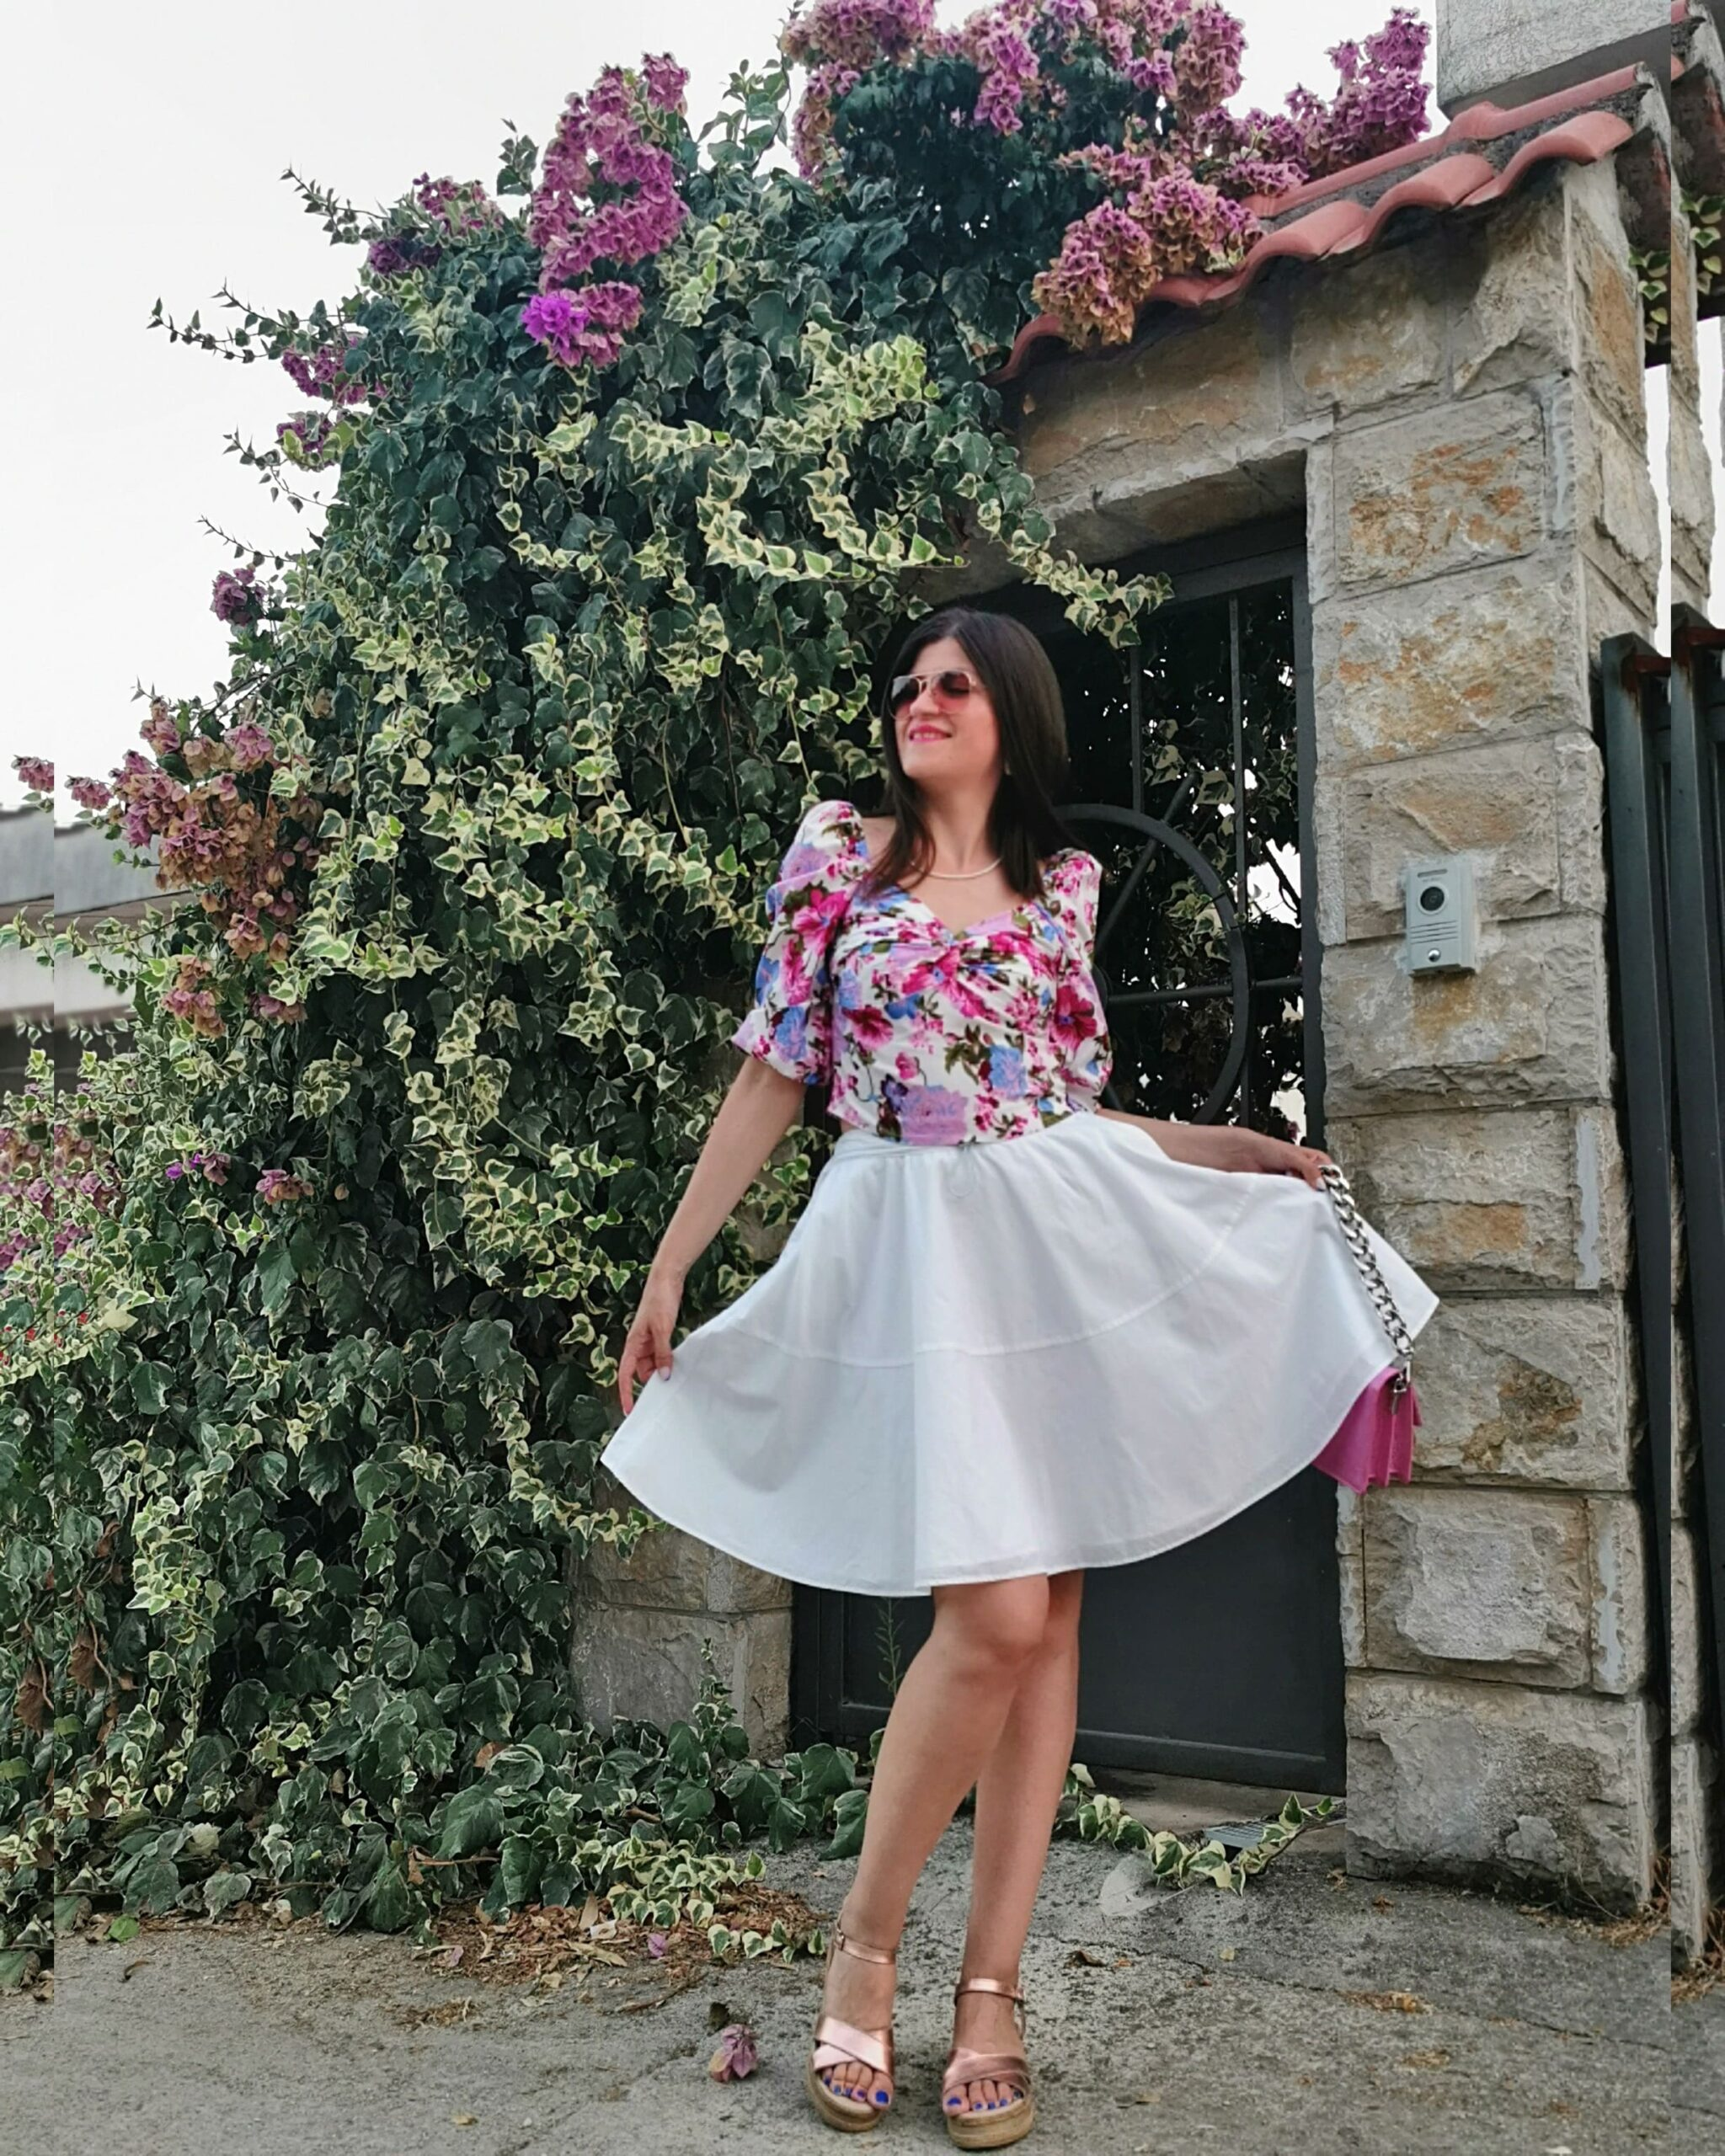 floral outfit idea